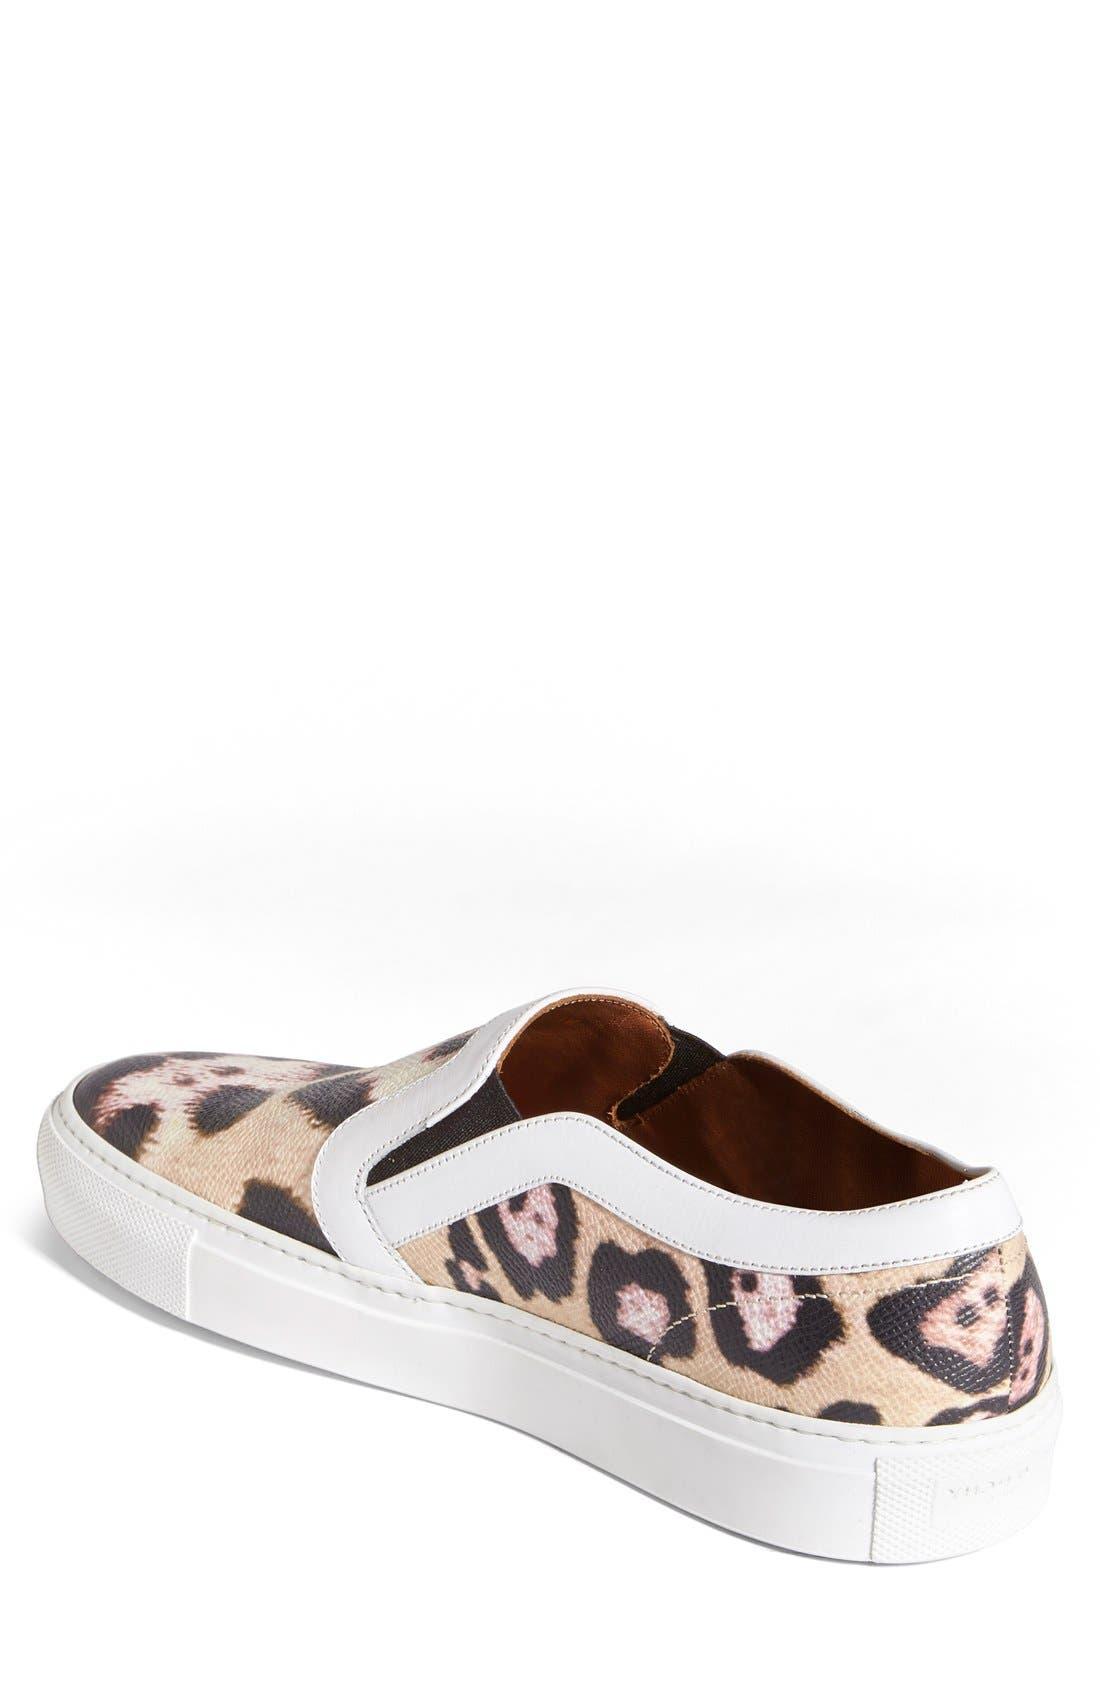 GIVENCHY, Leopard Print Skate Slip-On Sneaker, Alternate thumbnail 2, color, 200